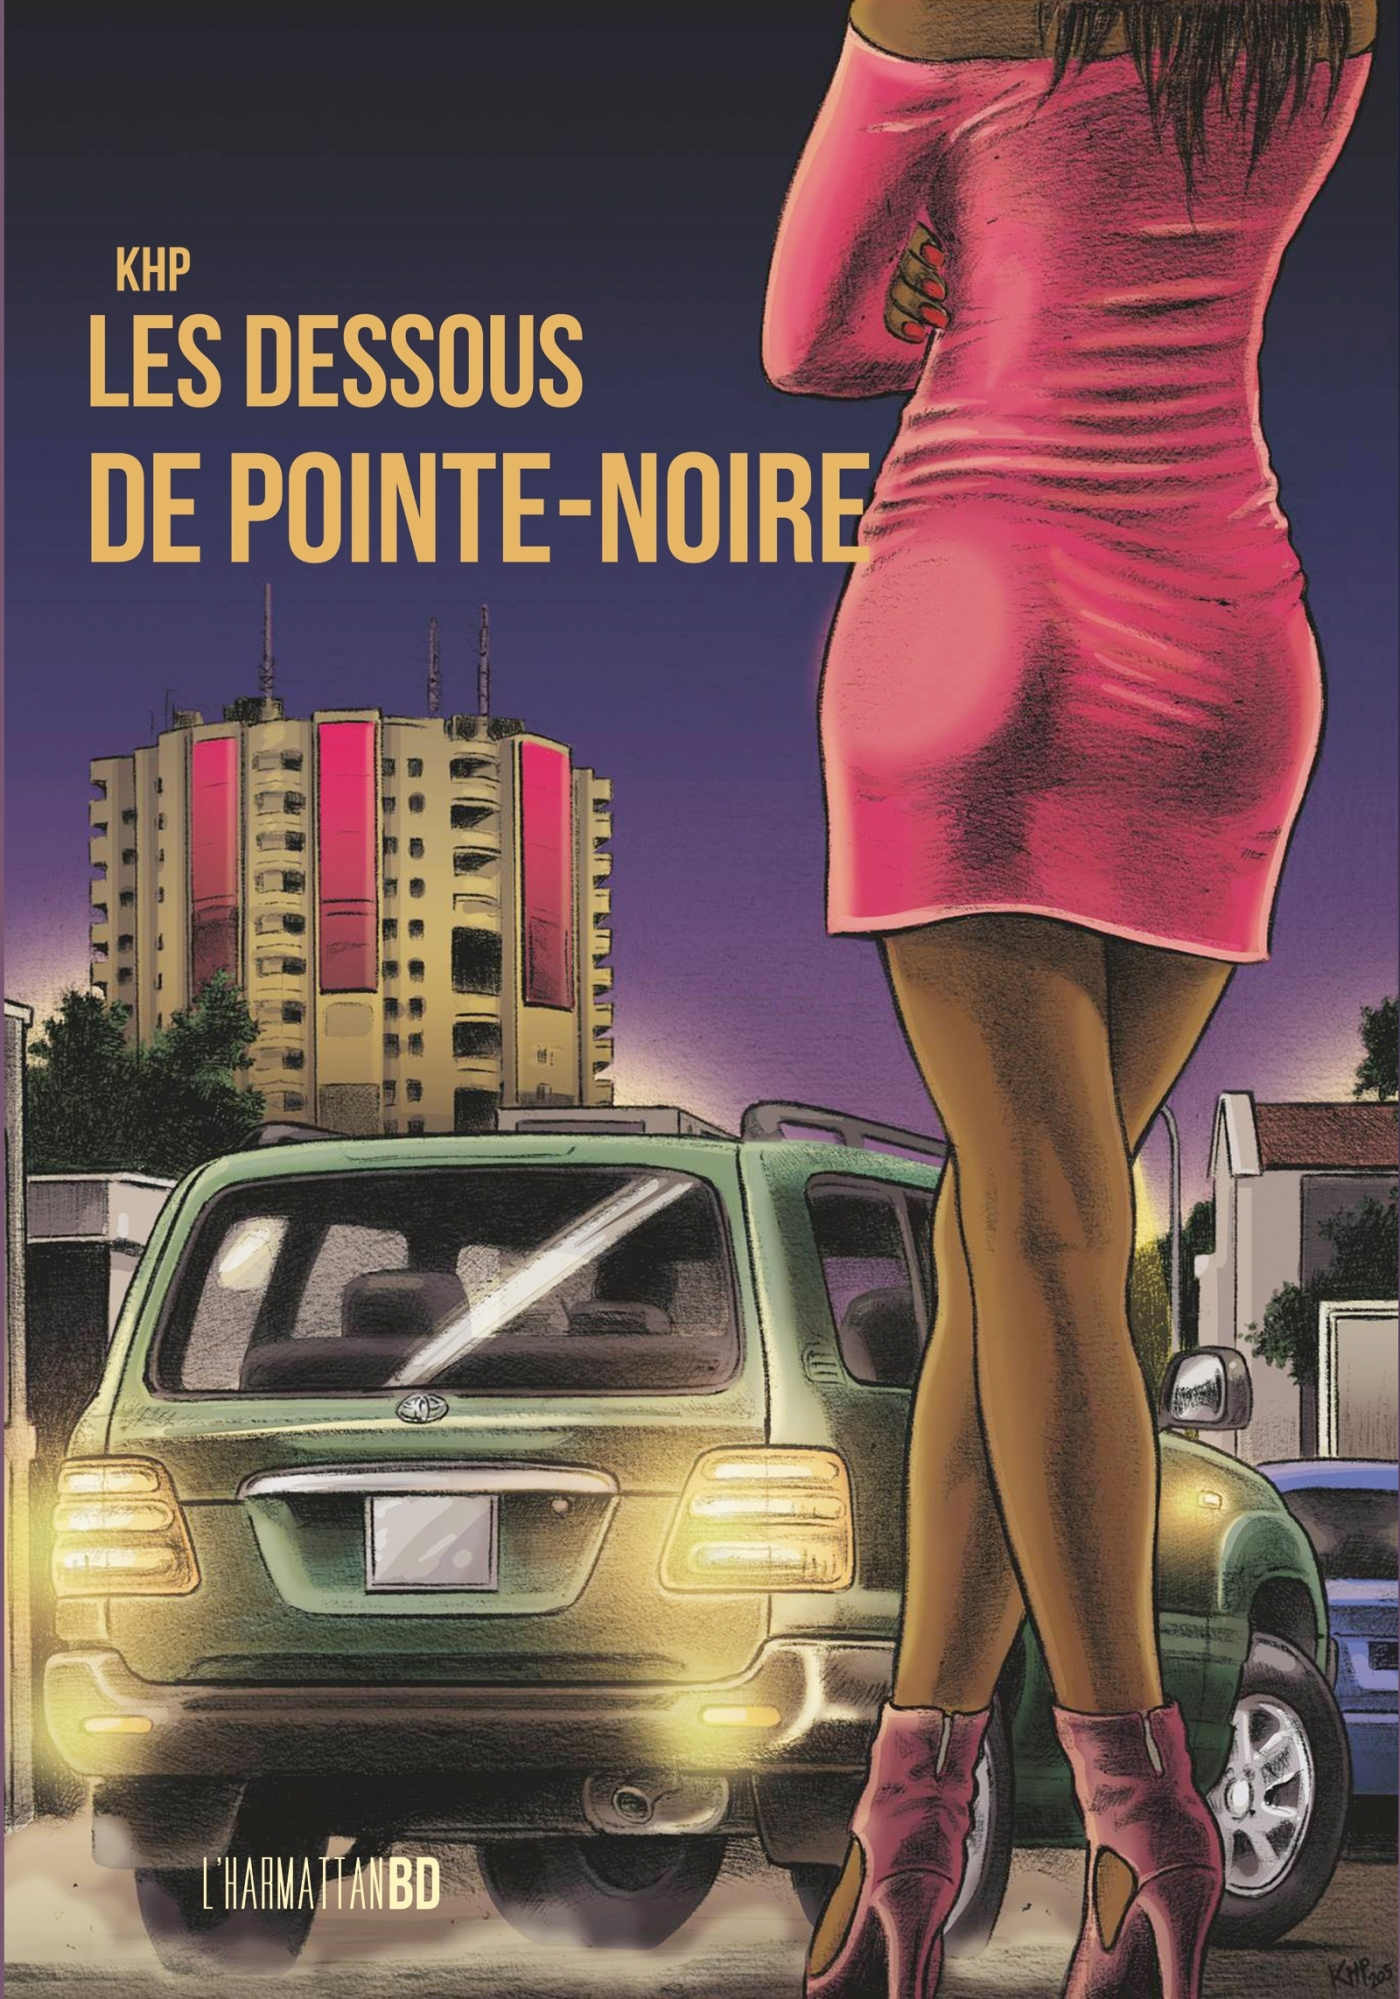 LES DESSOUS DE POINTE-NOIRE